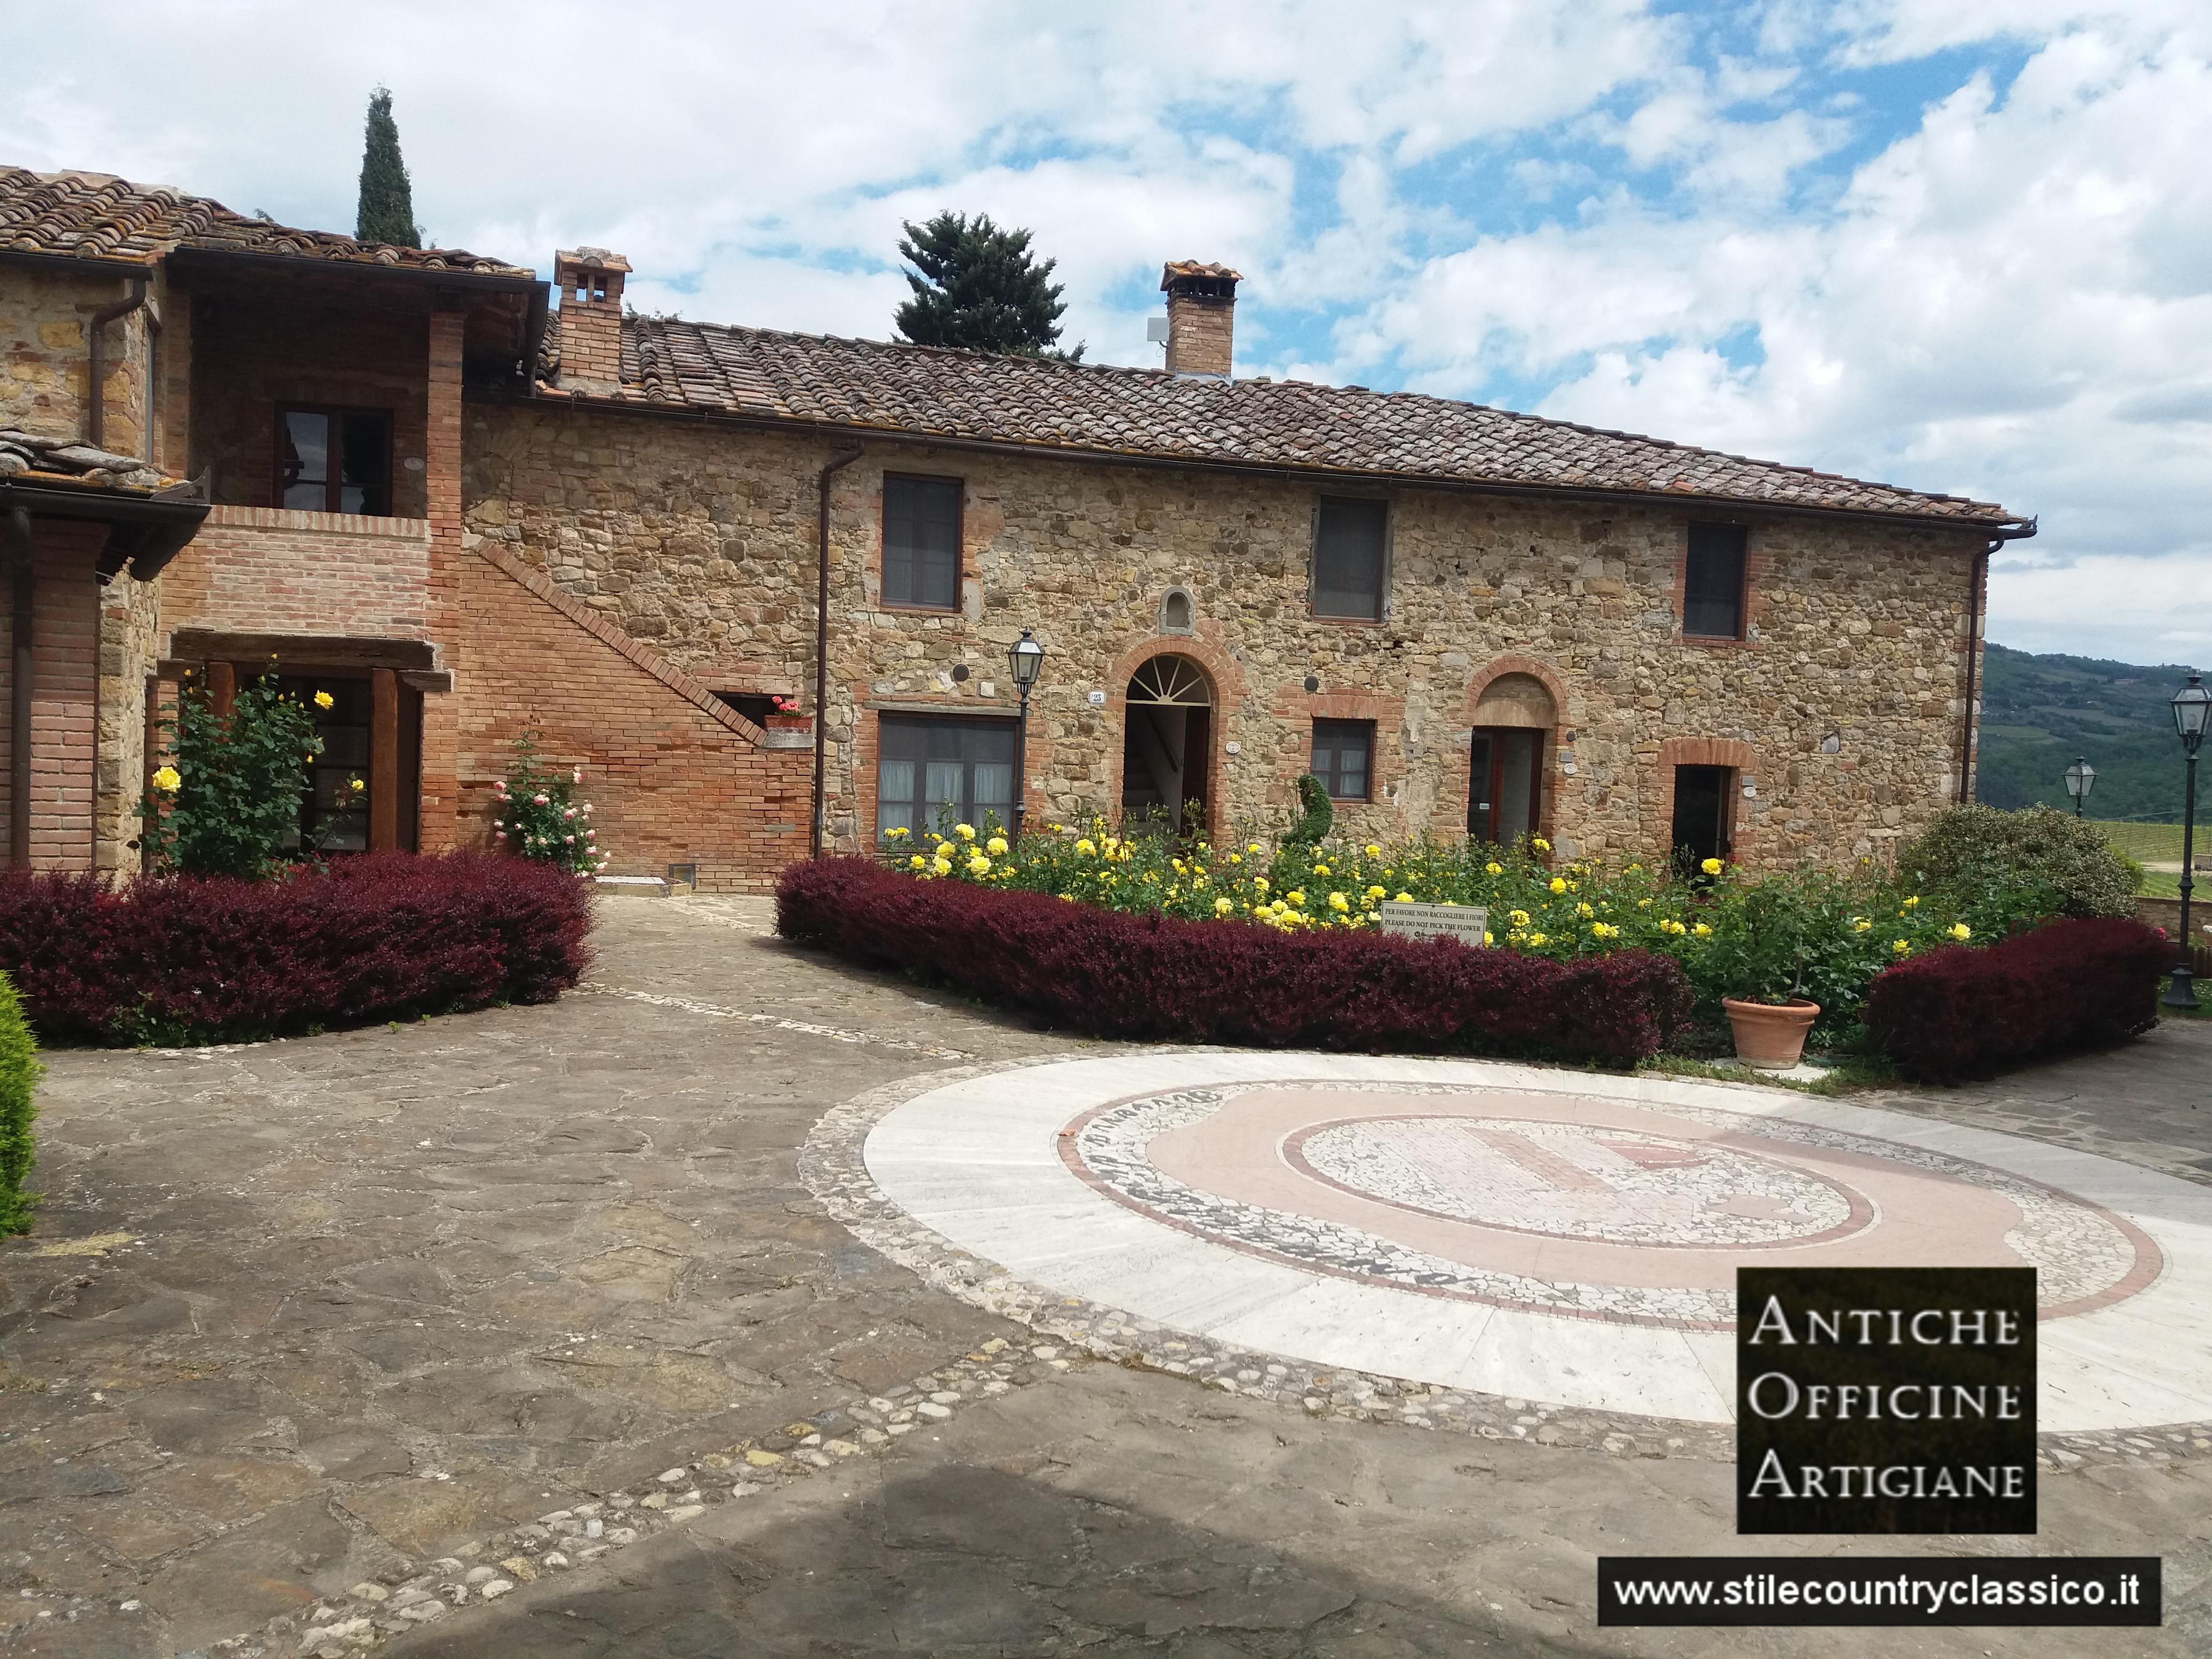 Colori Per Interni Casa Rustica stile country classico, ristrutturazioni, progettazioni e